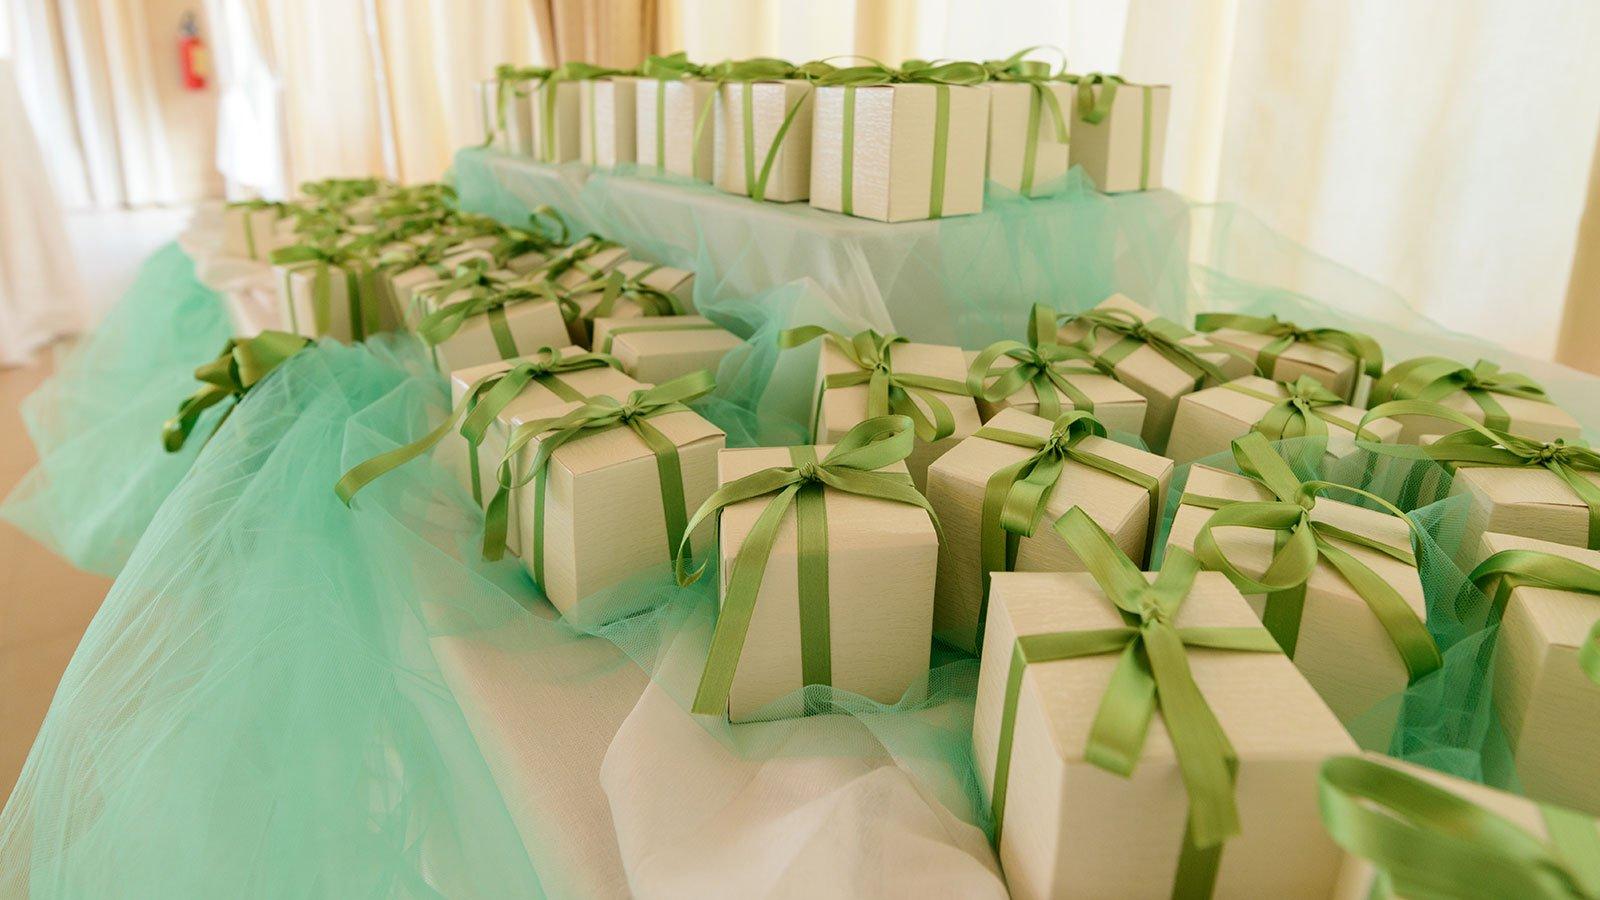 Delle bomboniere in pacchettini regalo con fiocchi verdi